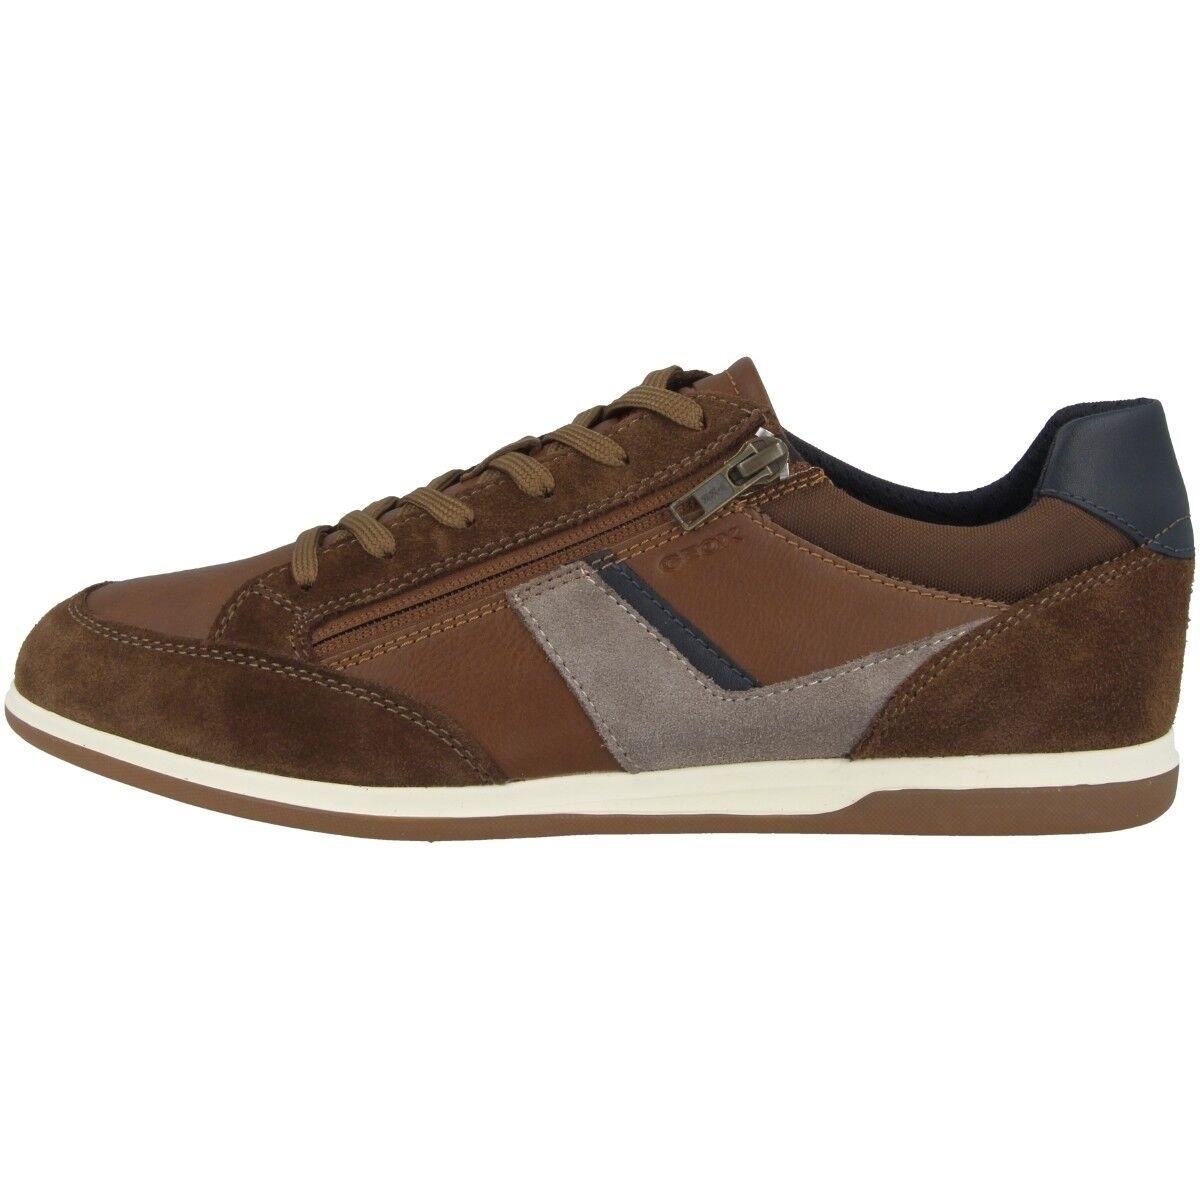 Geox u Renan C Calzado de Hombre Hombres Ocio zapatilla de deporte Zapato U824GC022BCC6GF4